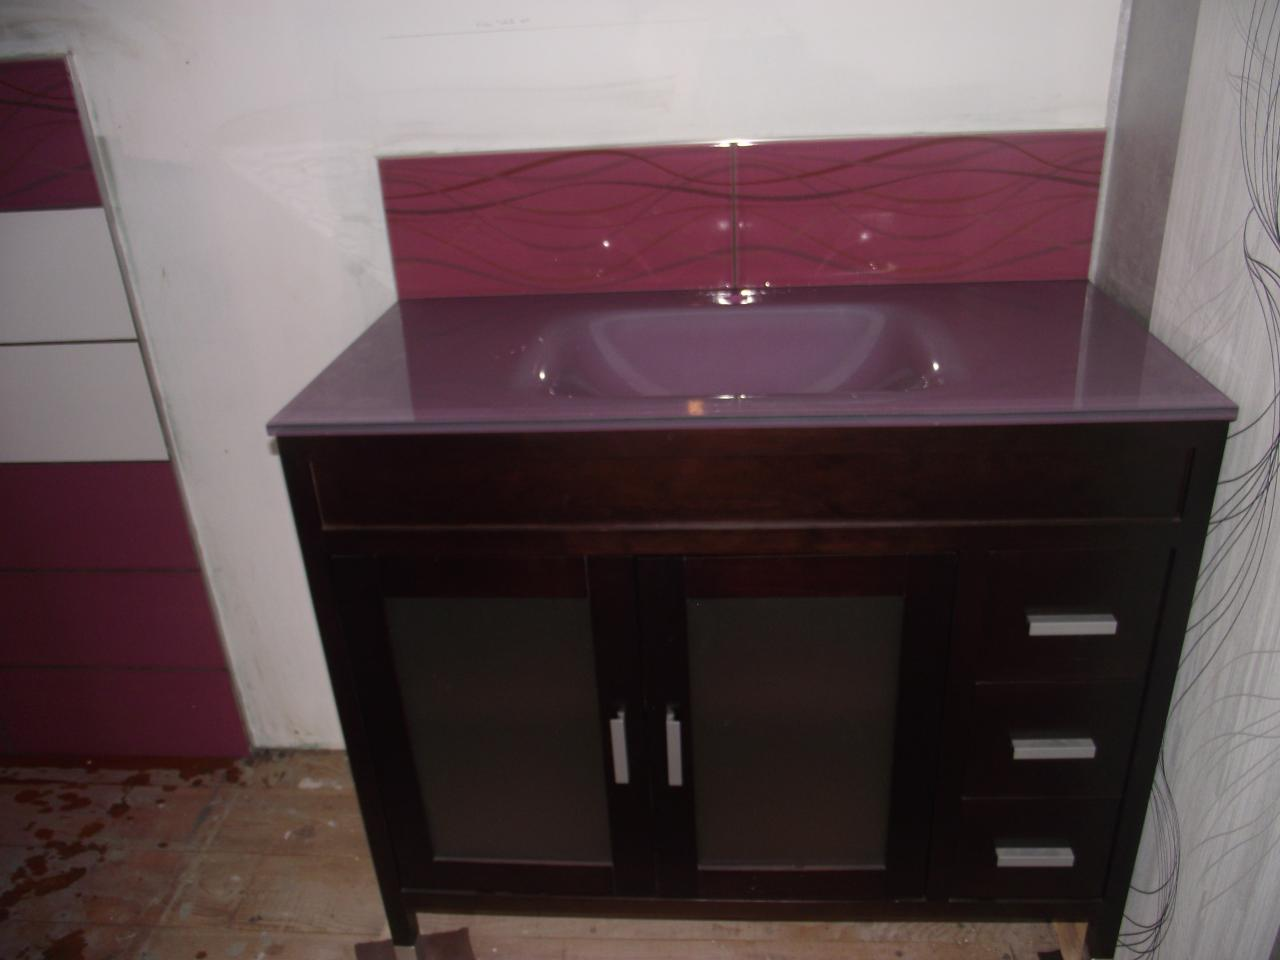 Carrelage pos au dessus lavabo sdb for Dessus comptoir salle de bain